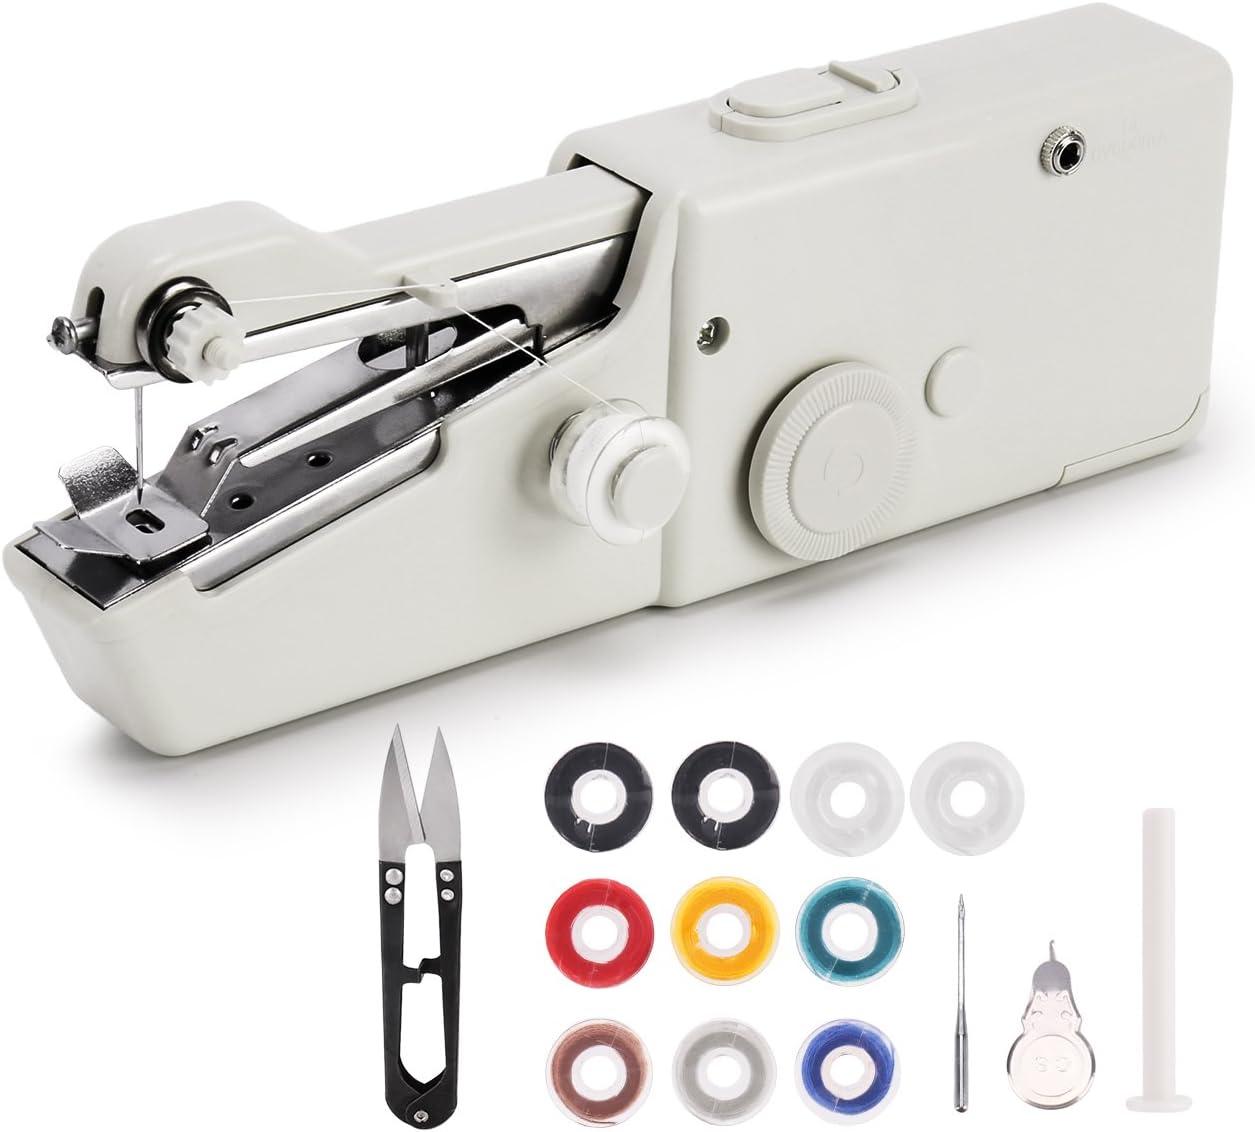 Máquina de coser portátil, mini máquina de coser eléctrica de mano inalámbrica, herramienta de costura rápida para tela, ropa, tela para niños, uso doméstico y de viaje: Amazon.es: Juguetes y juegos